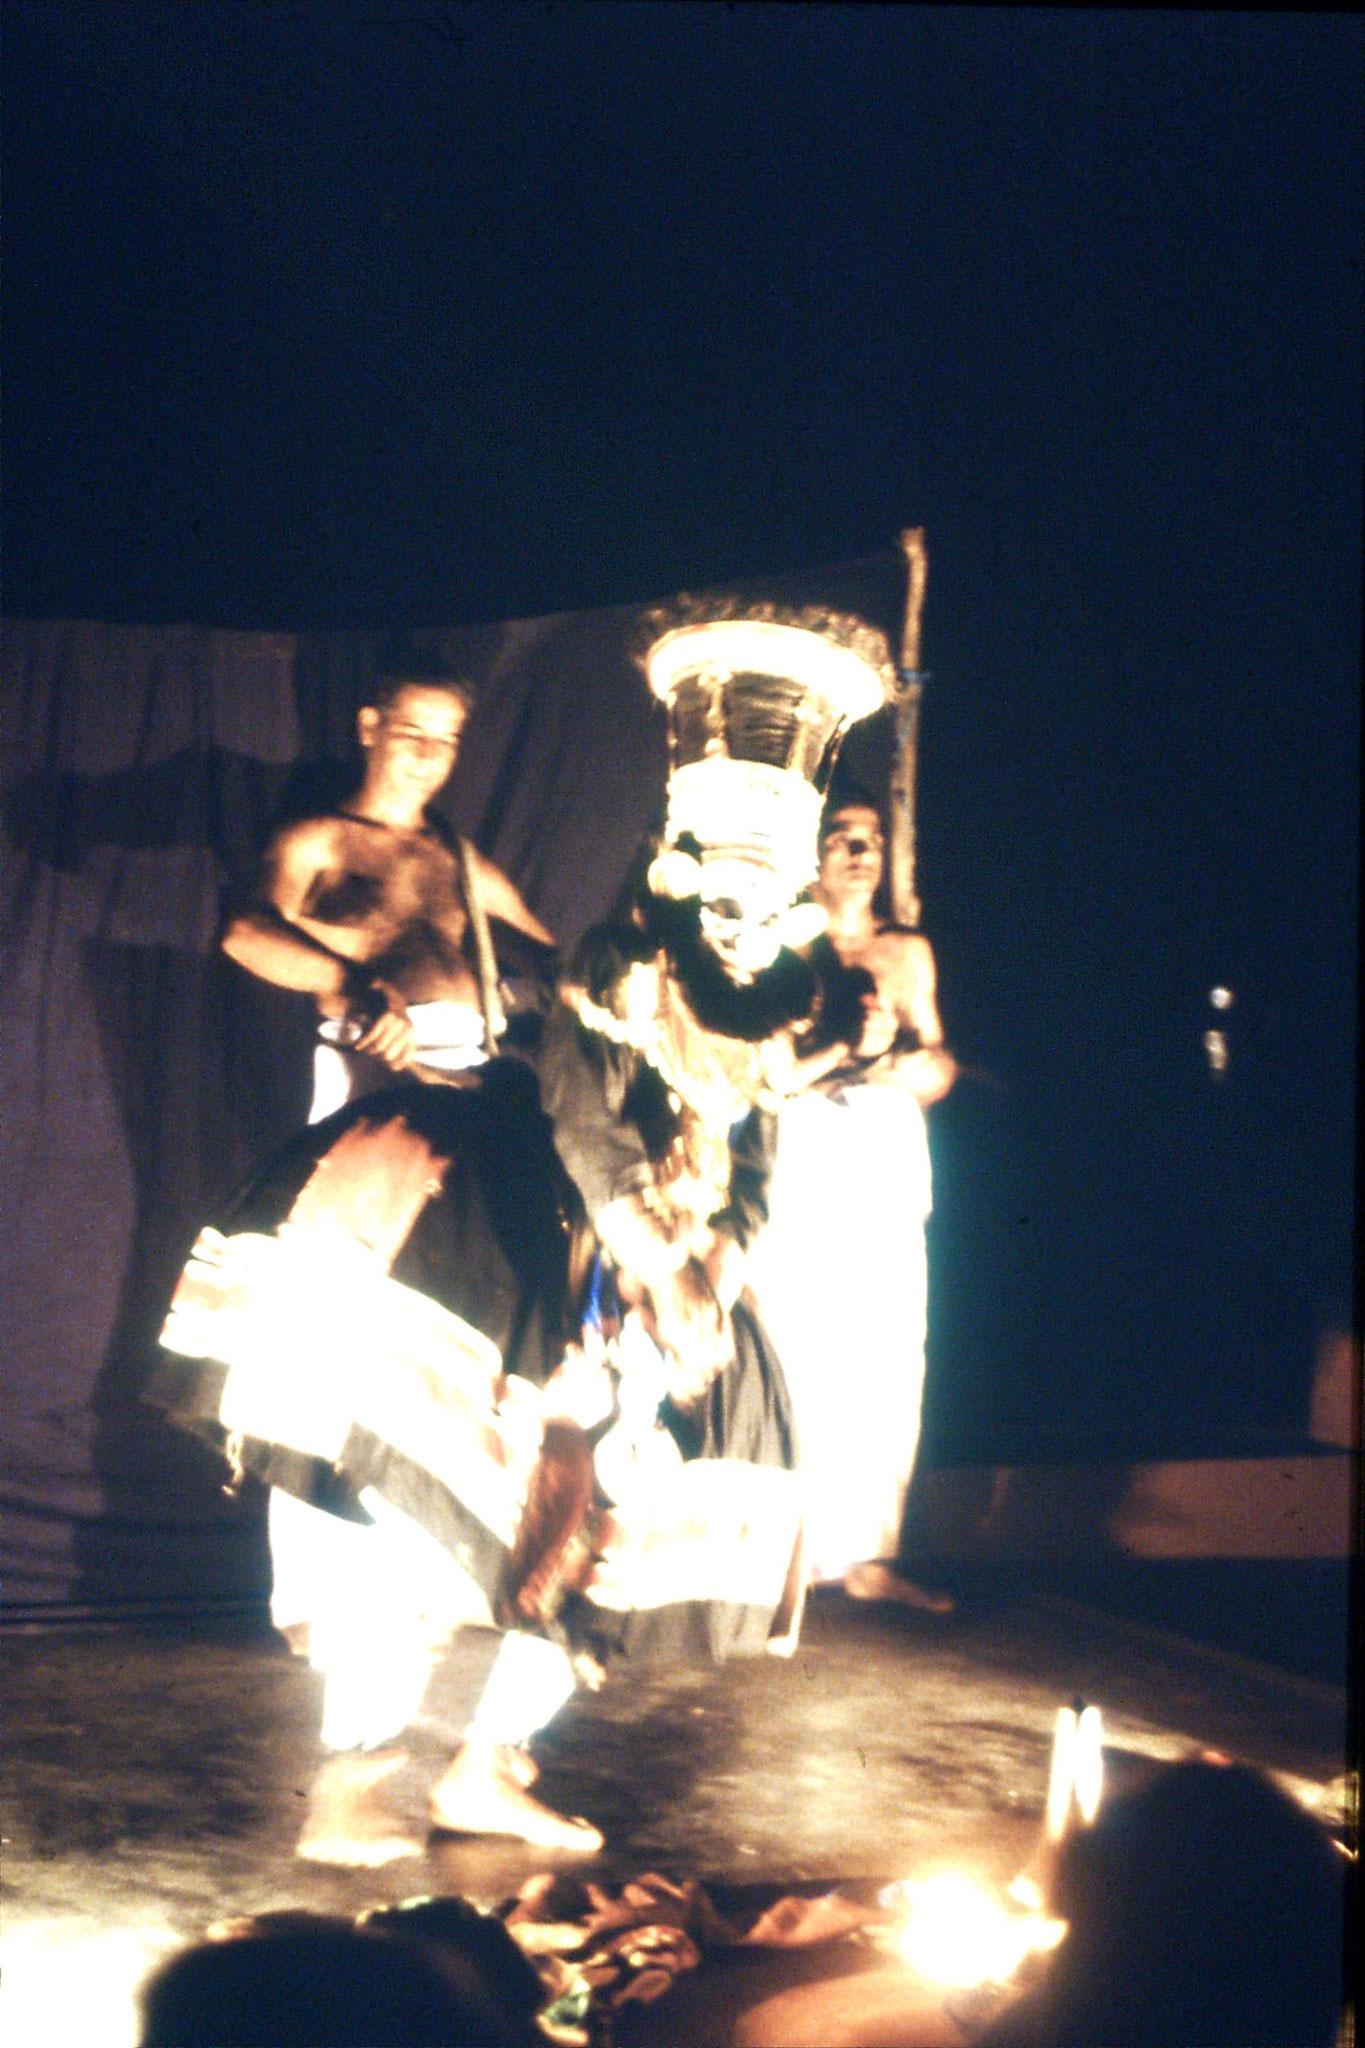 106/20: 24/2/1990 Erkunaculum - See India Foundation - Kathakali Dance